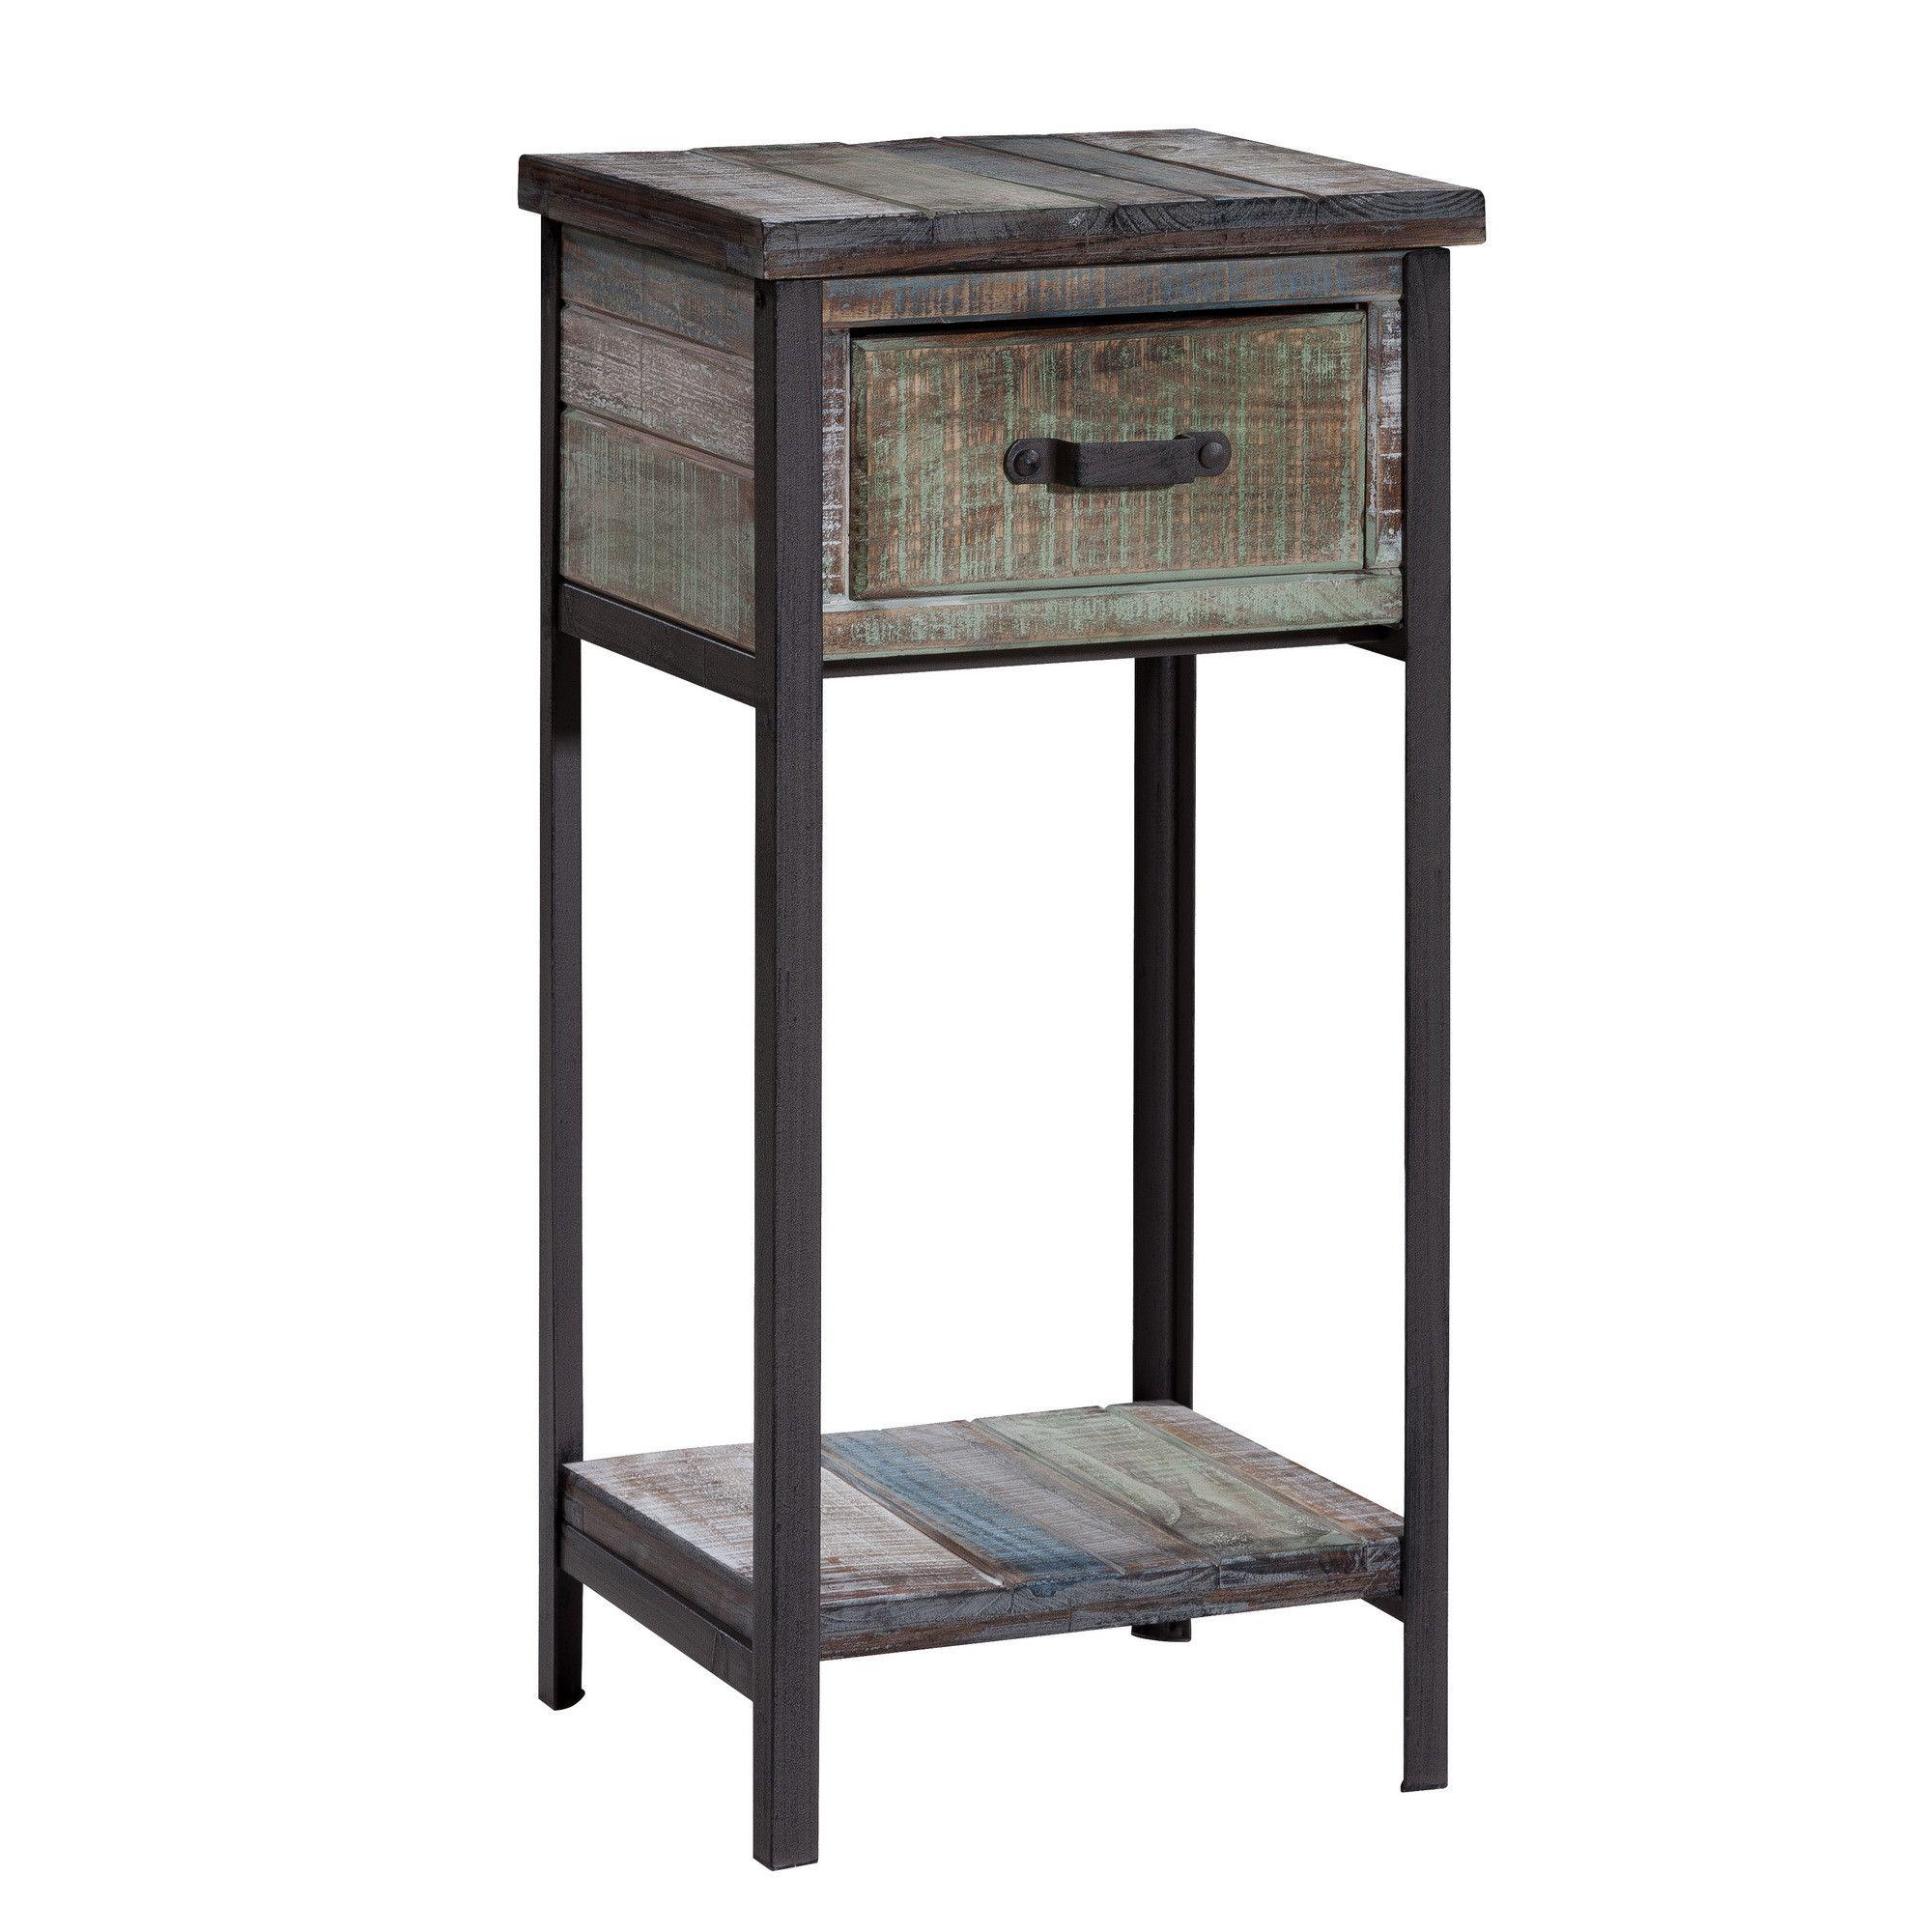 Clayera End Table at Wayfair $158 Make this no drawer